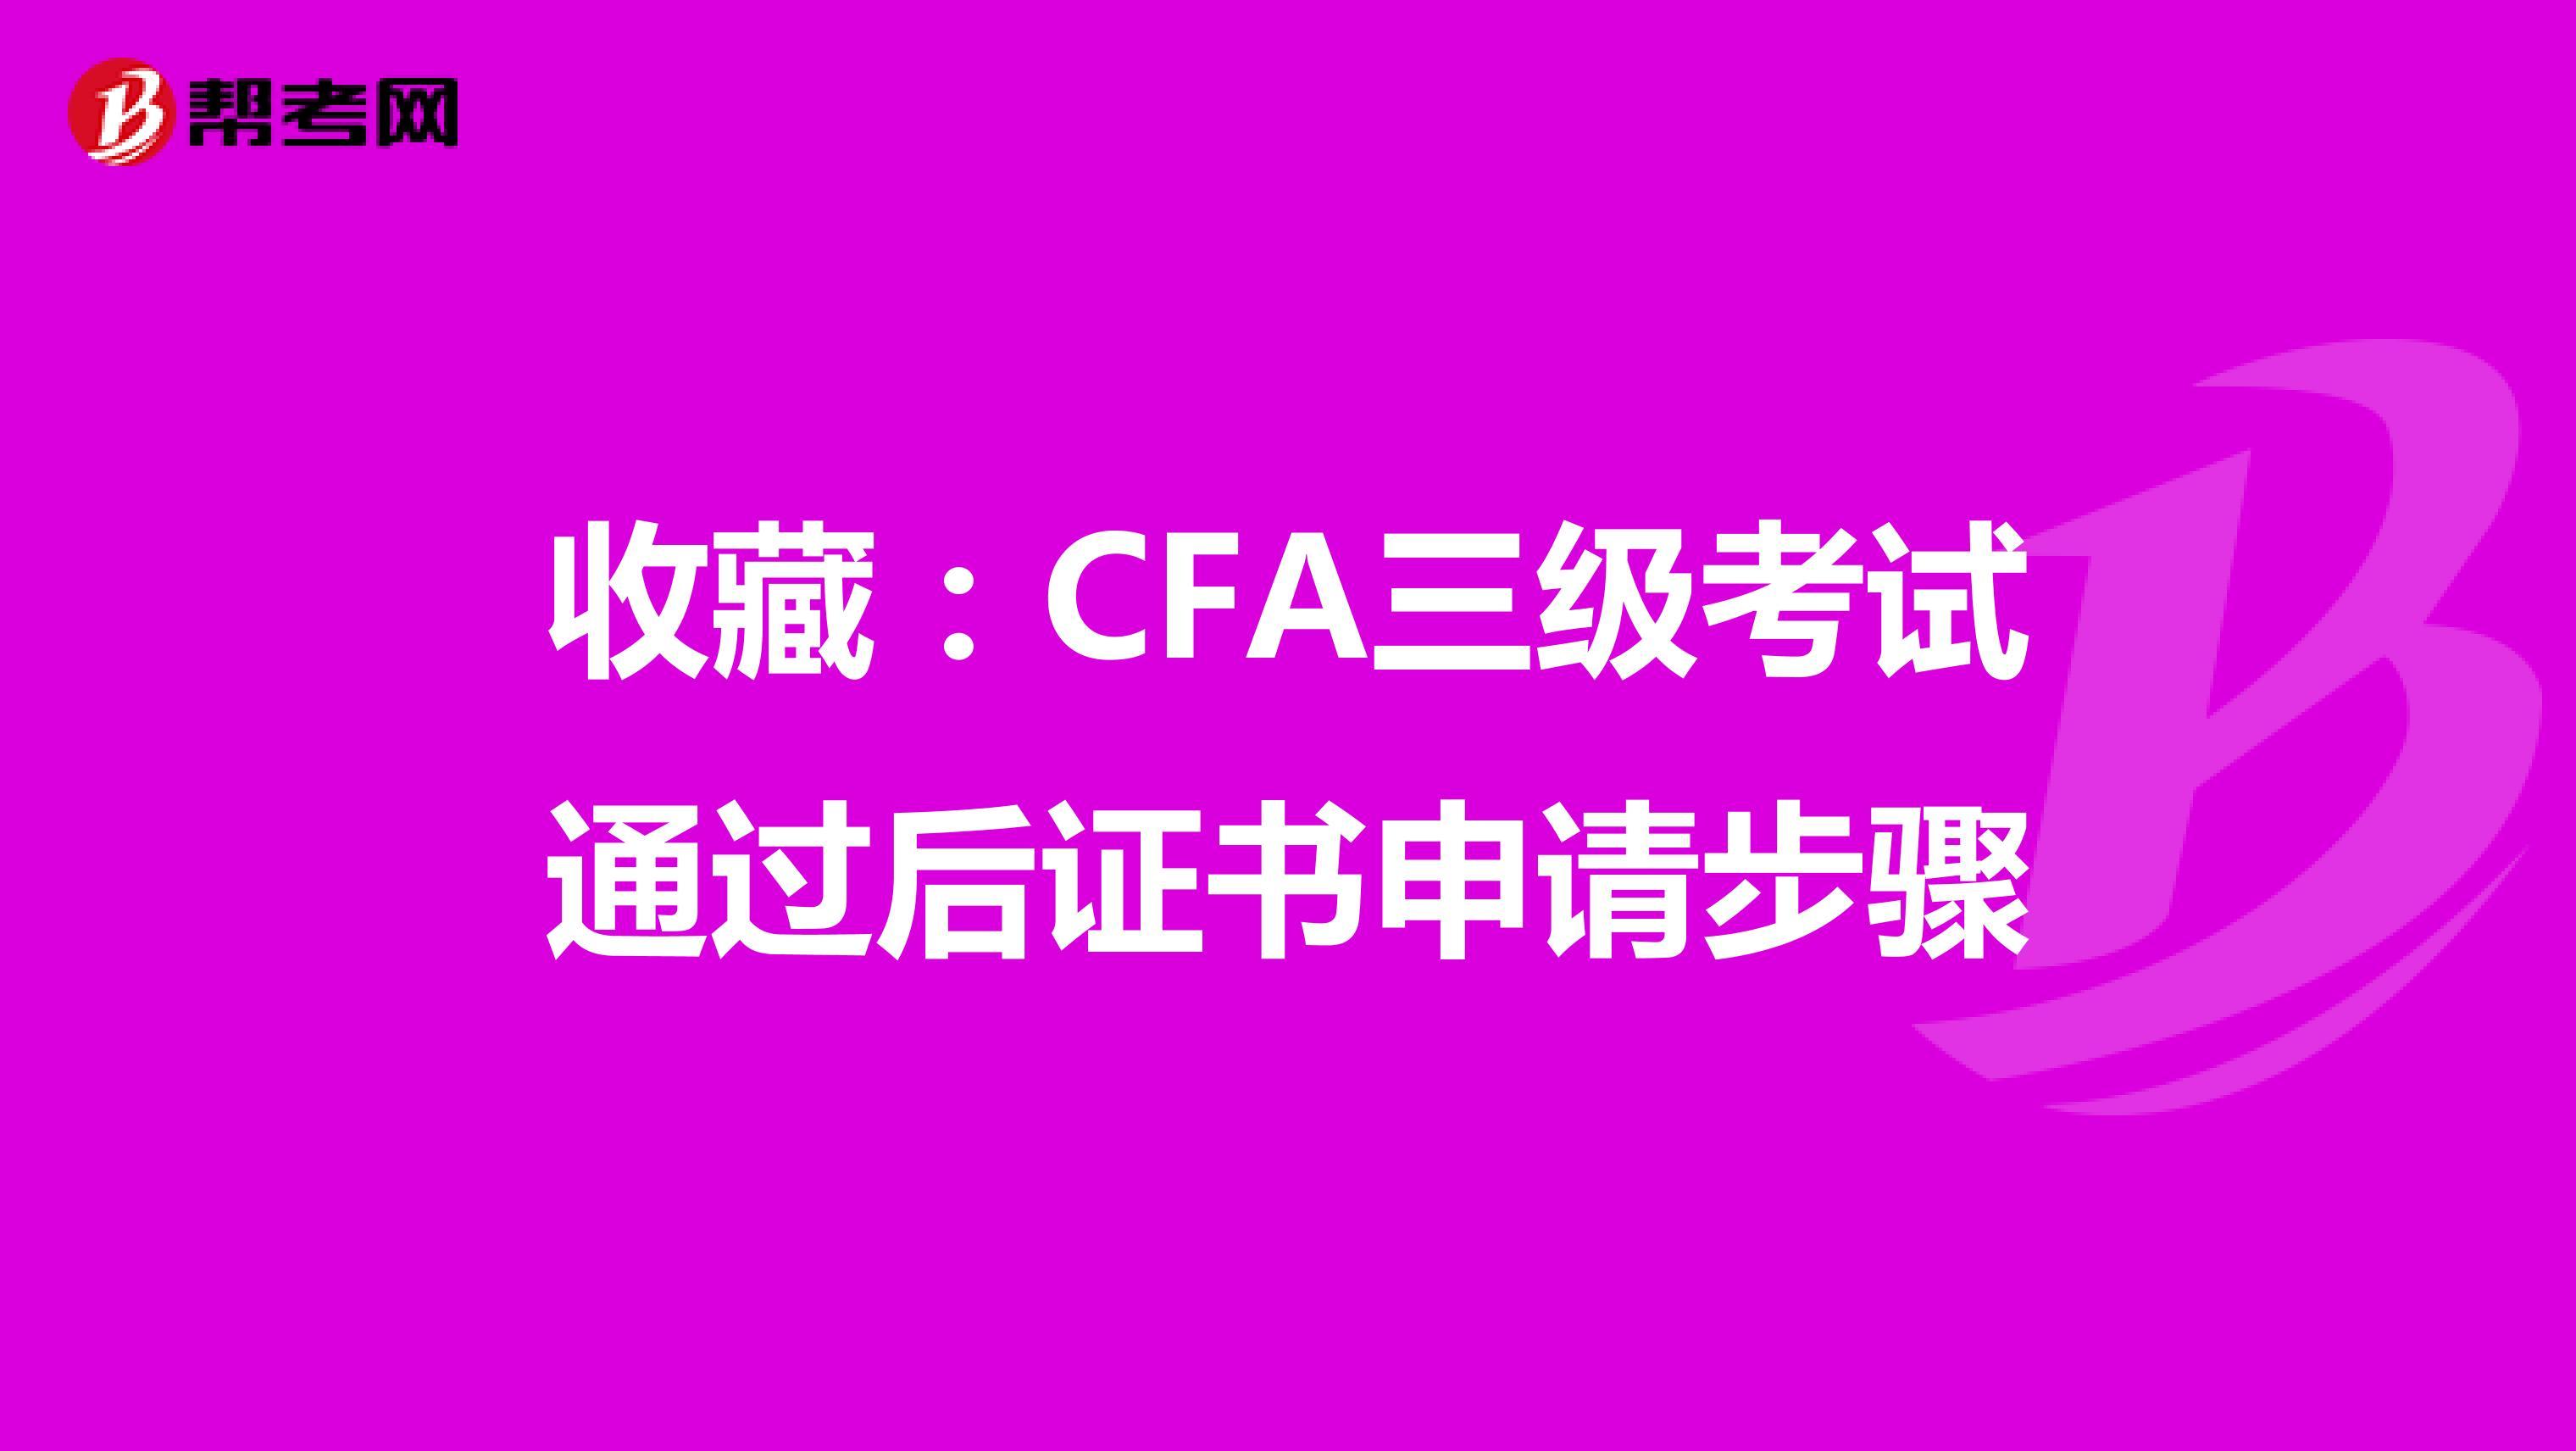 收藏:CFA三级考试通过后证书申请步骤